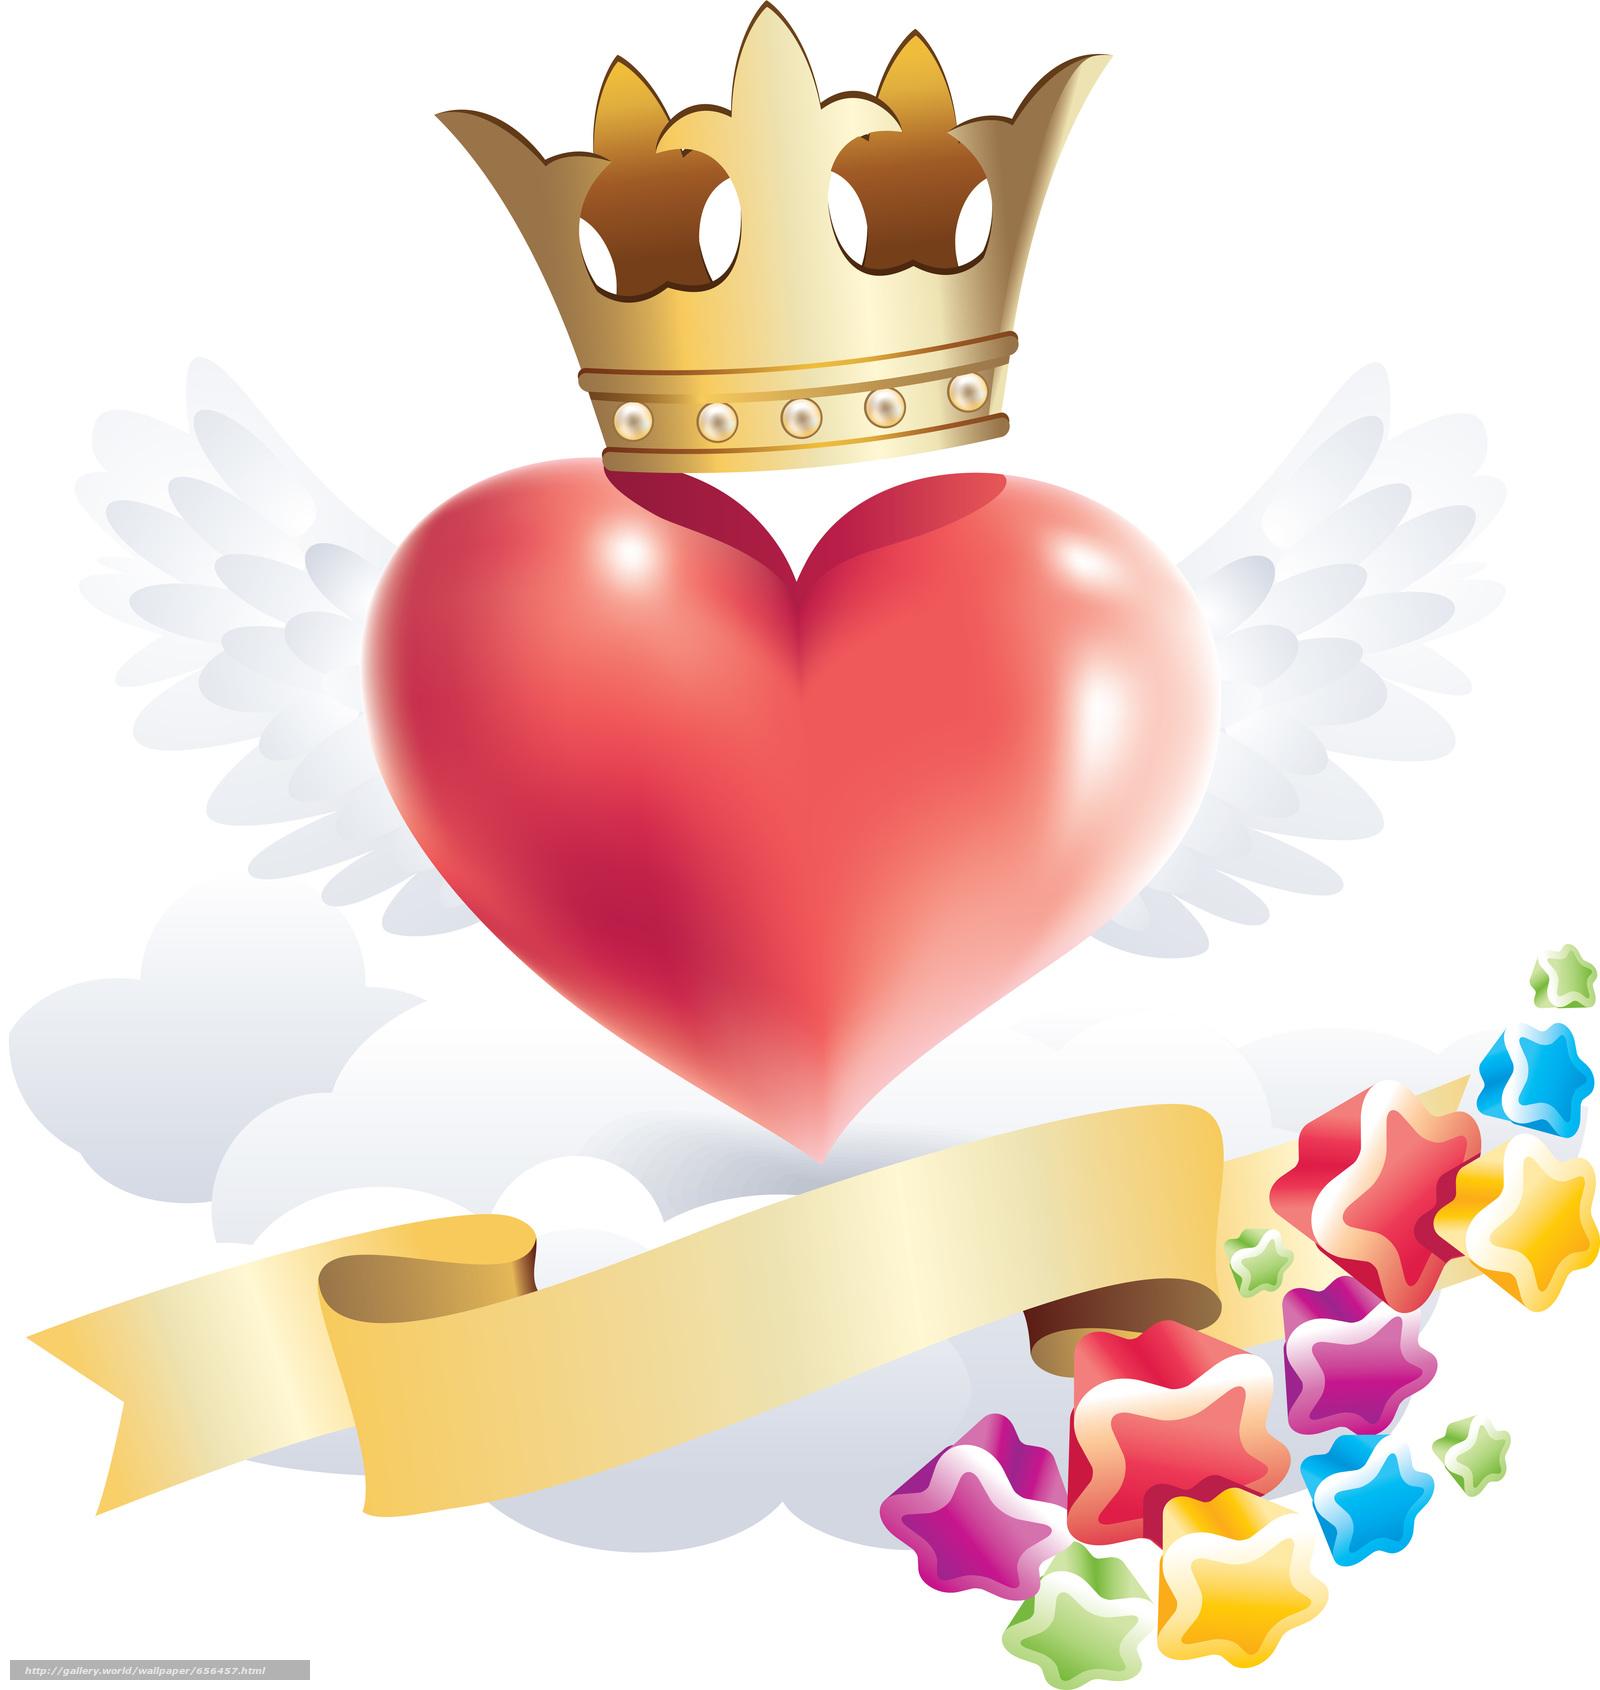 Скачать обои день святого валентина,  день всех влюбленных,  праздник,  сердце бесплатно для рабочего стола в разрешении 4957x5236 — картинка №656457